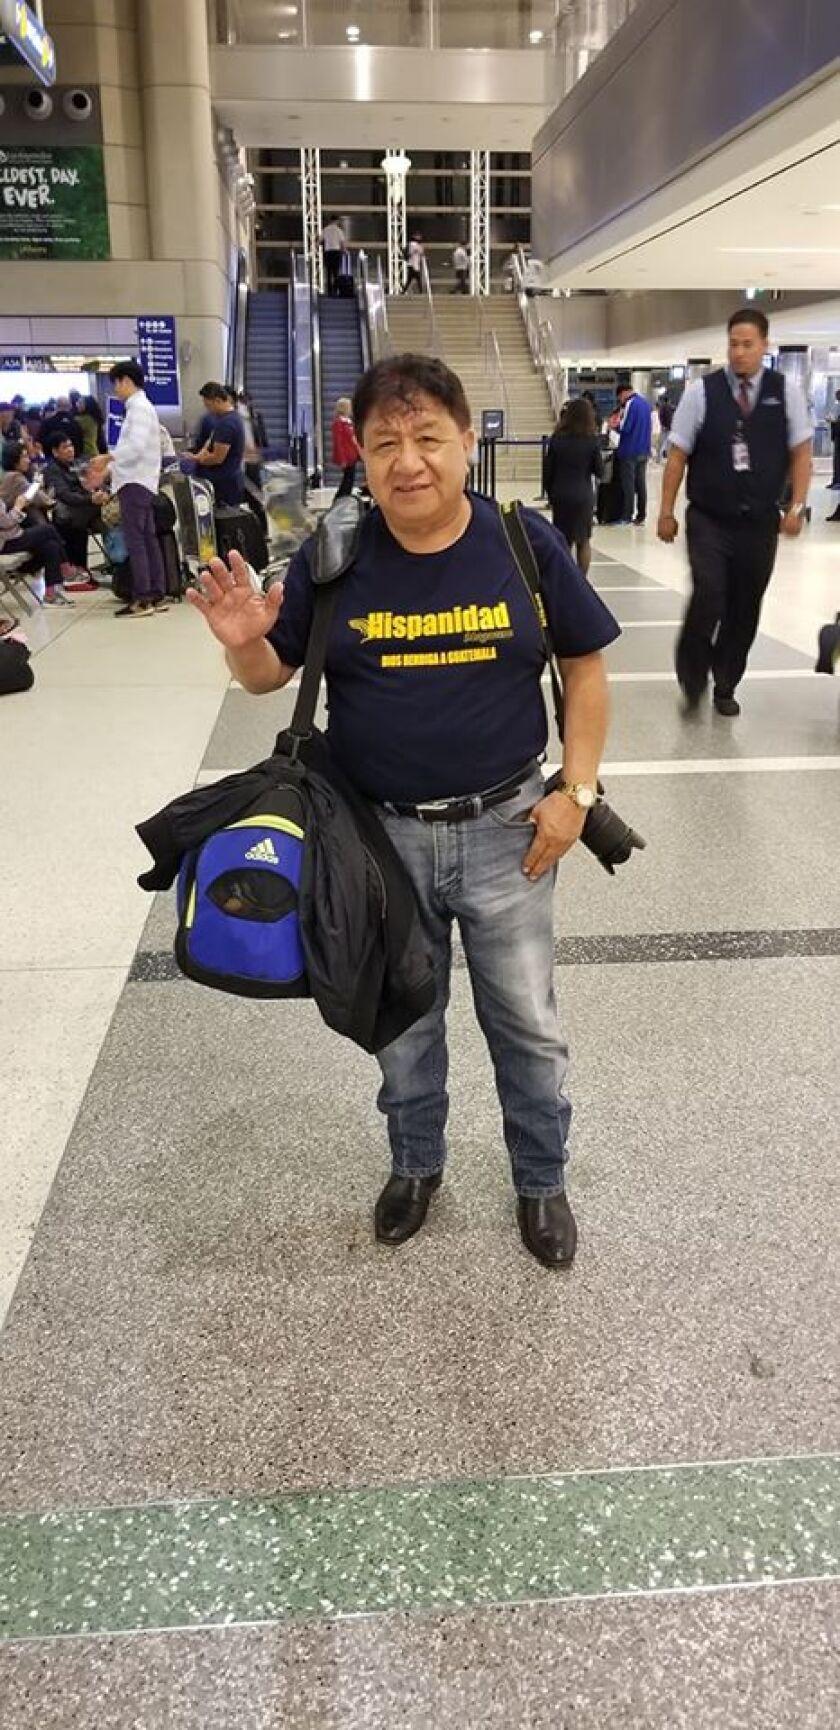 Siempre se hacía acompañar de su cámara fotográfica, como aparece aquí antes de viajar a Guatemala en septiembre de 2019.